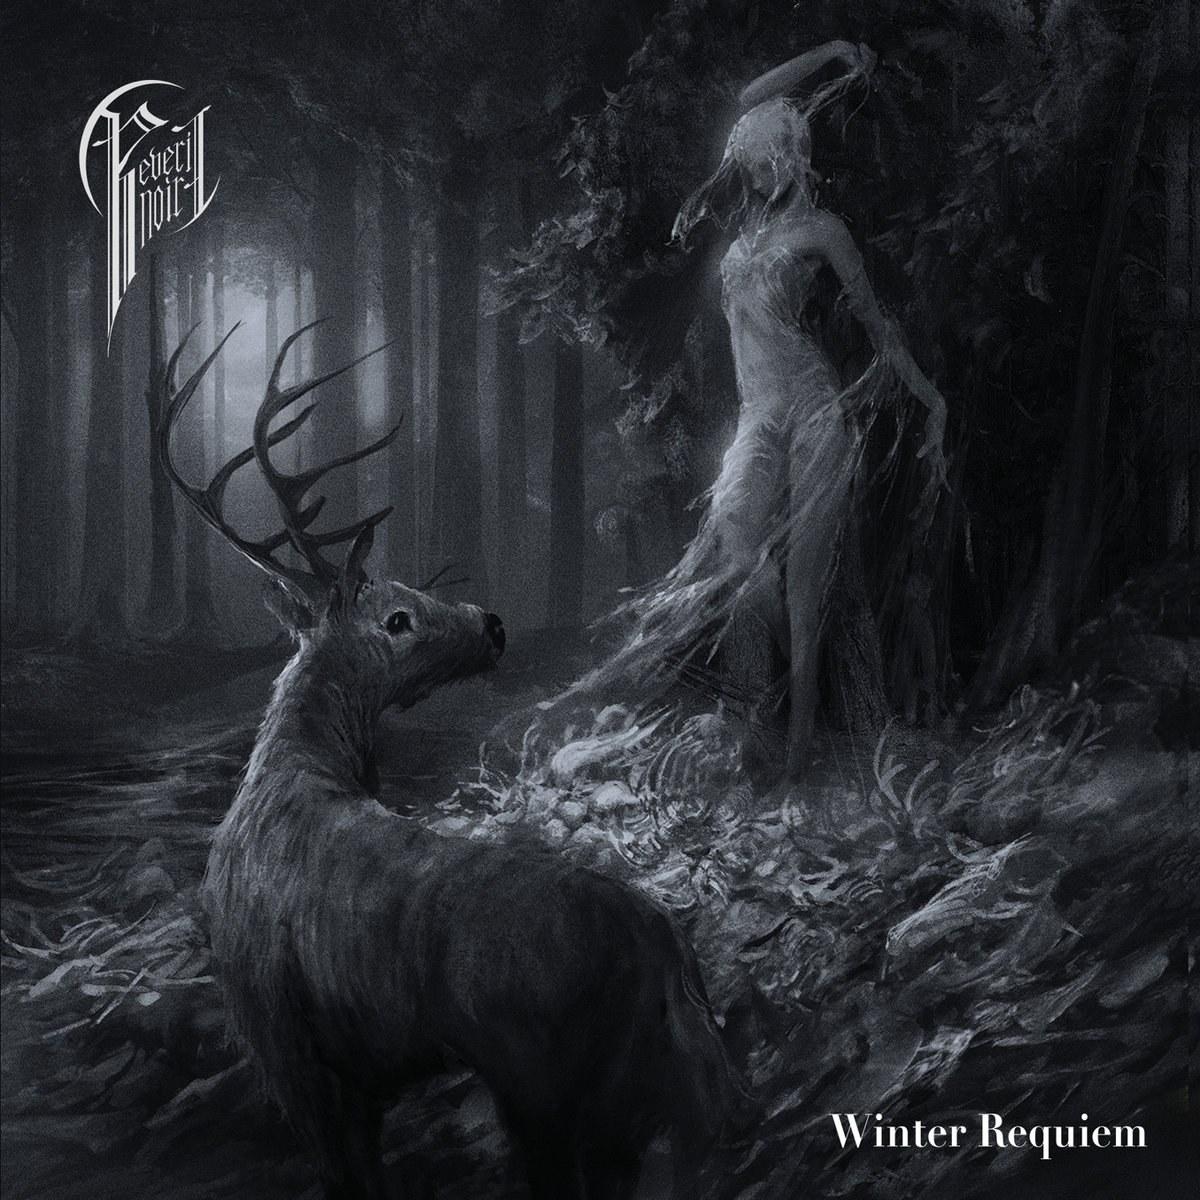 Review for Reverie Noire - Winter Requiem